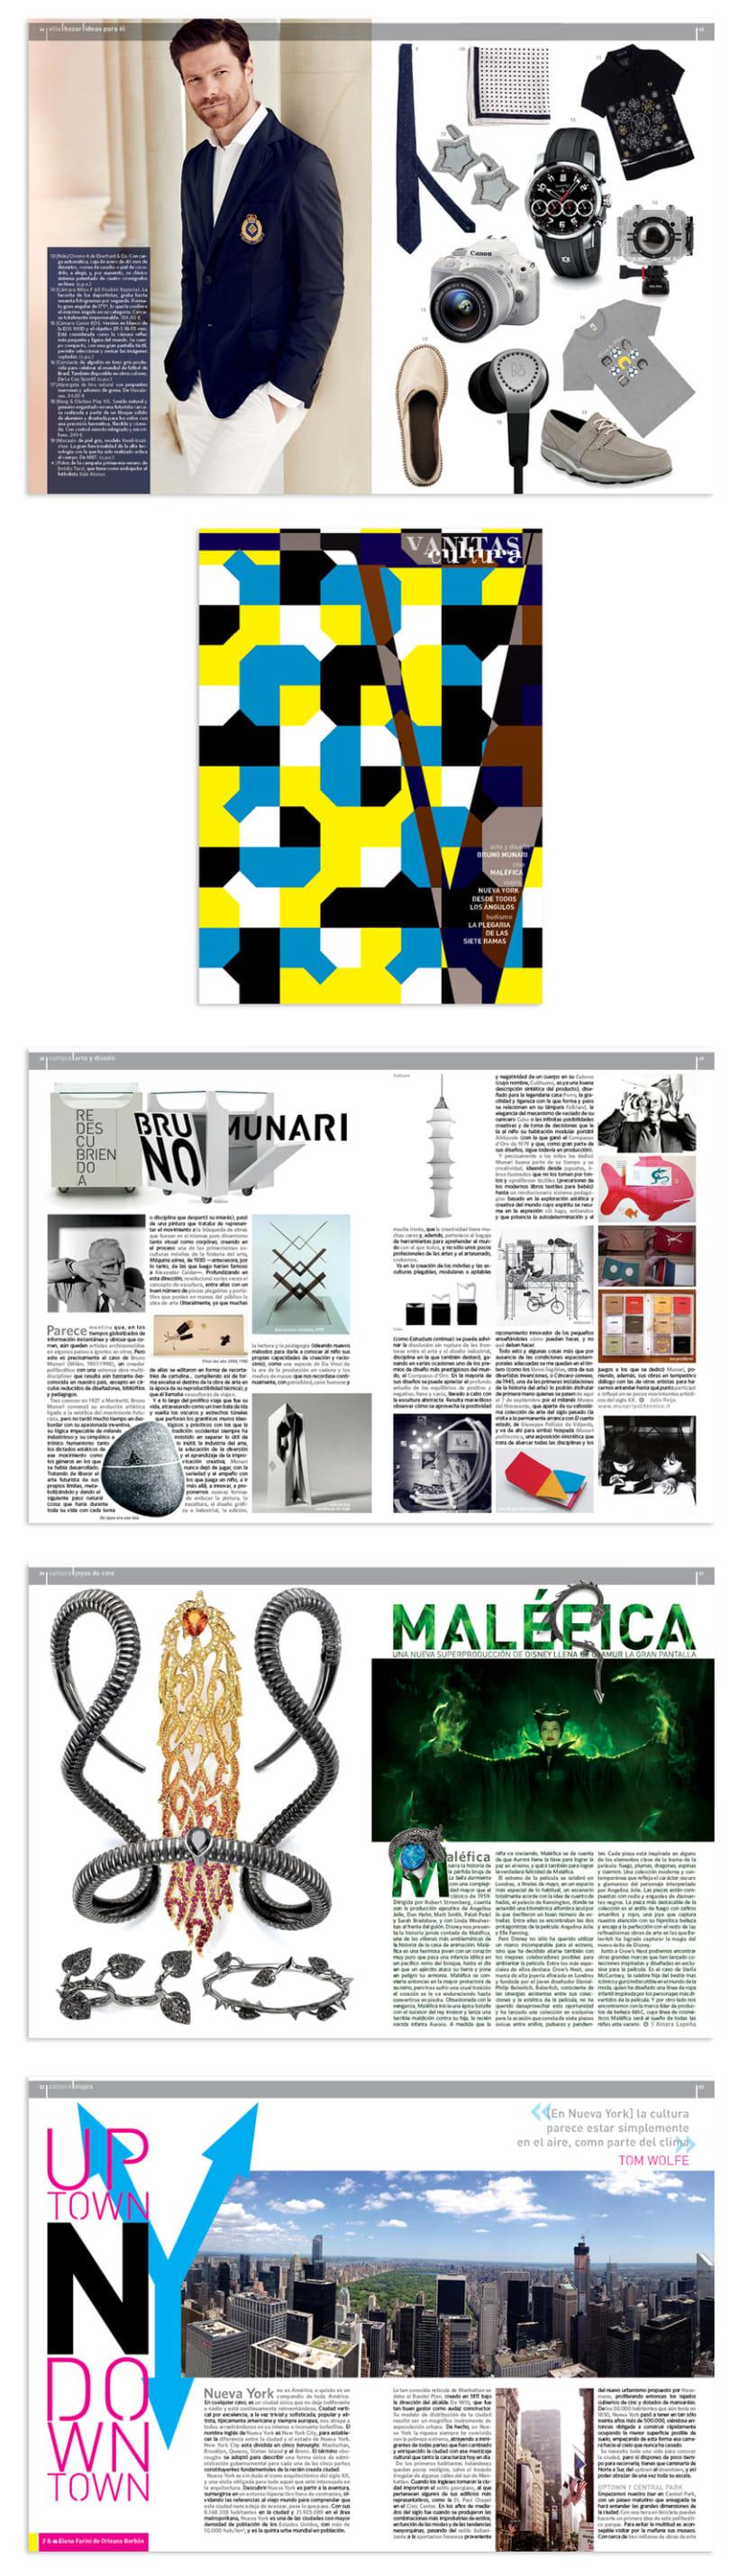 Diseño y Maquetación :: Editorial Design & Layout  4